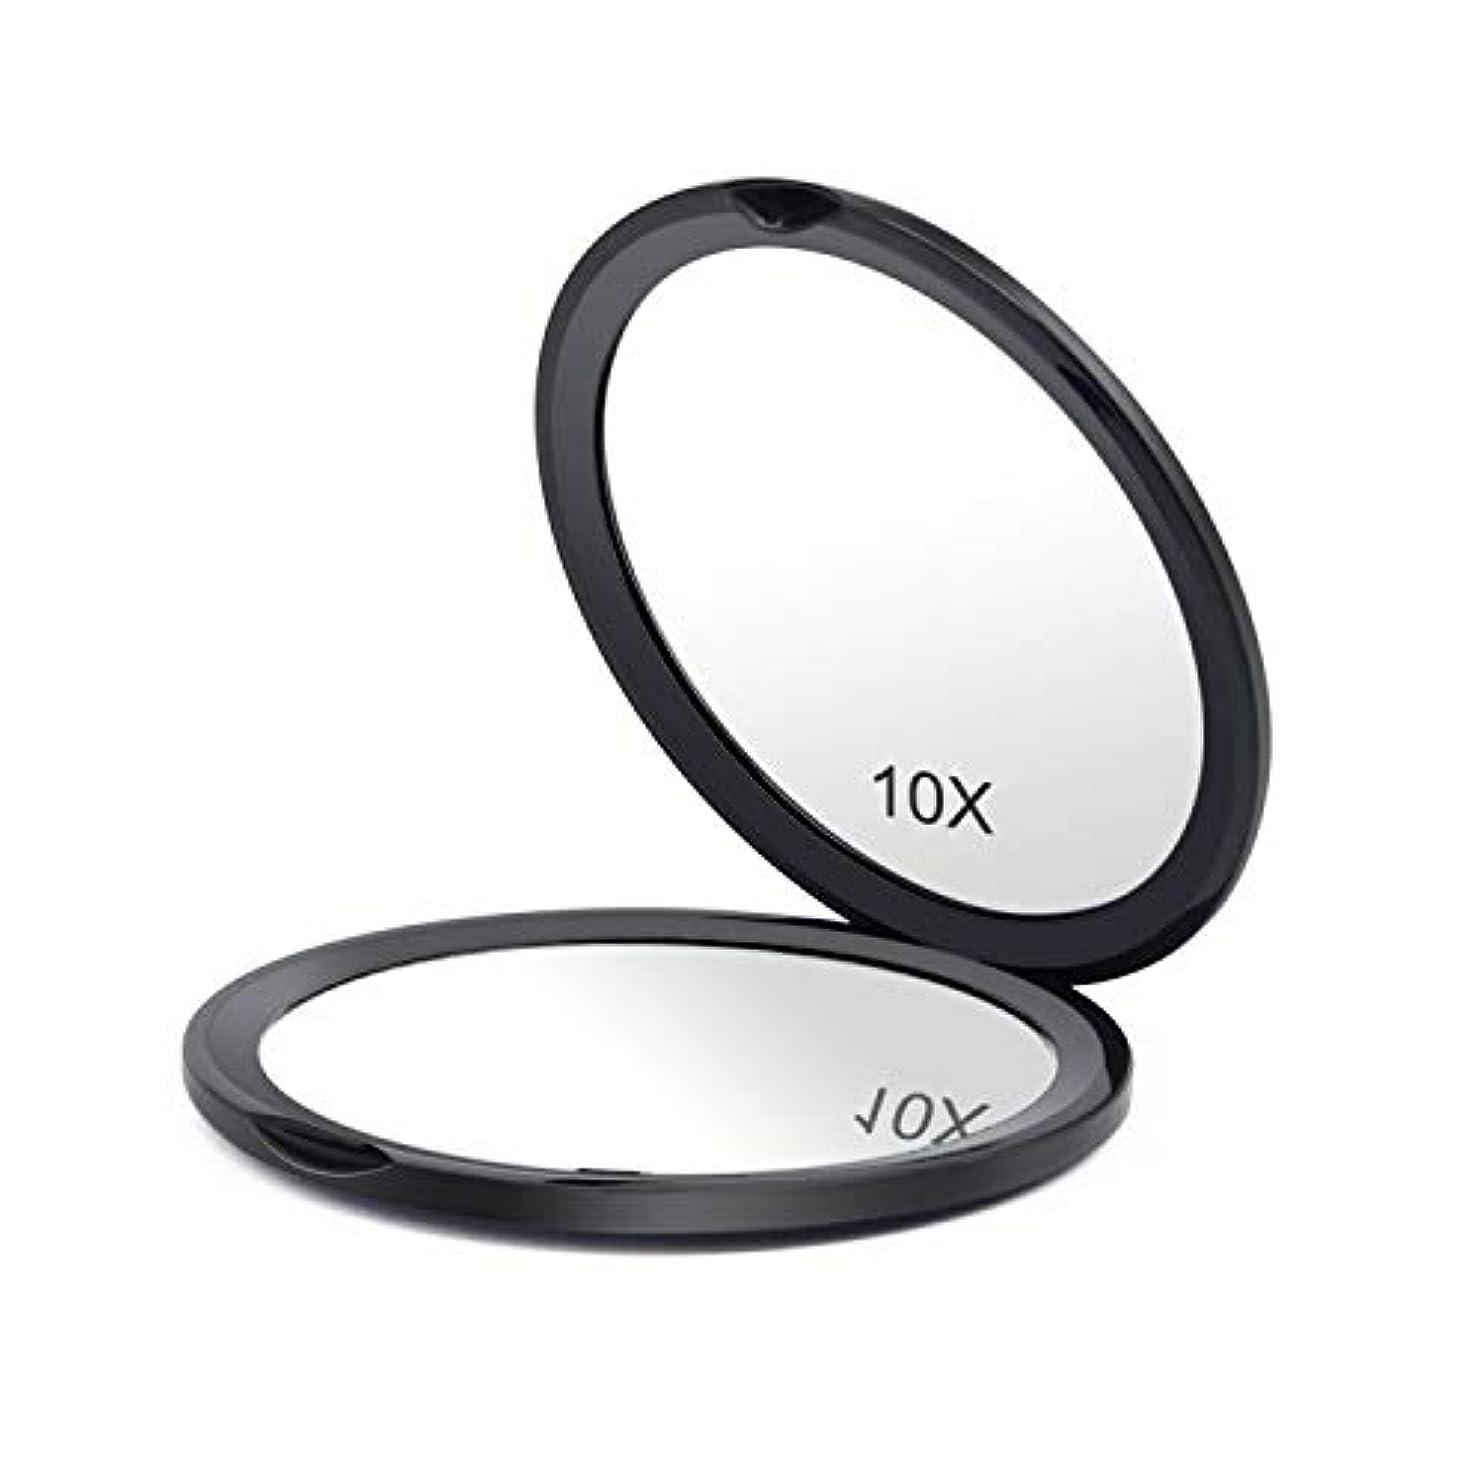 風景休みアドバンテージ手鏡 化粧鏡 HAMSWAN コンパクトミラー 軽量 10倍拡大鏡 丸型 10cm*1.3cm(ブラック)